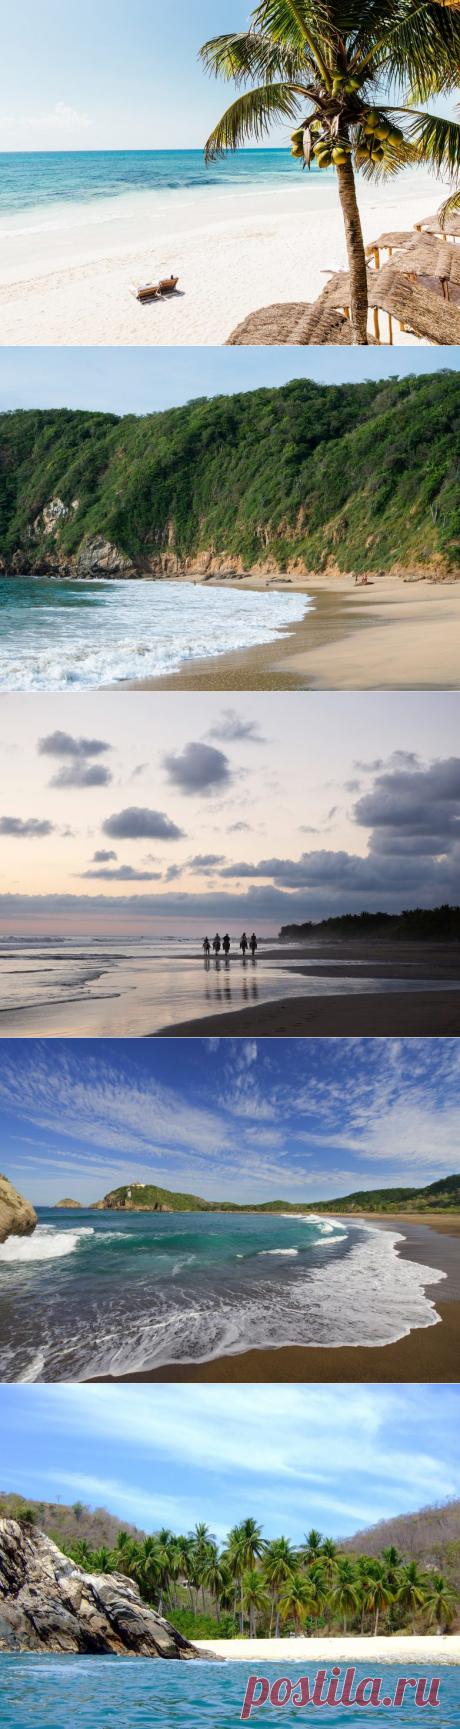 Роскошнейшие мексиканские пляжи / Туристический спутник